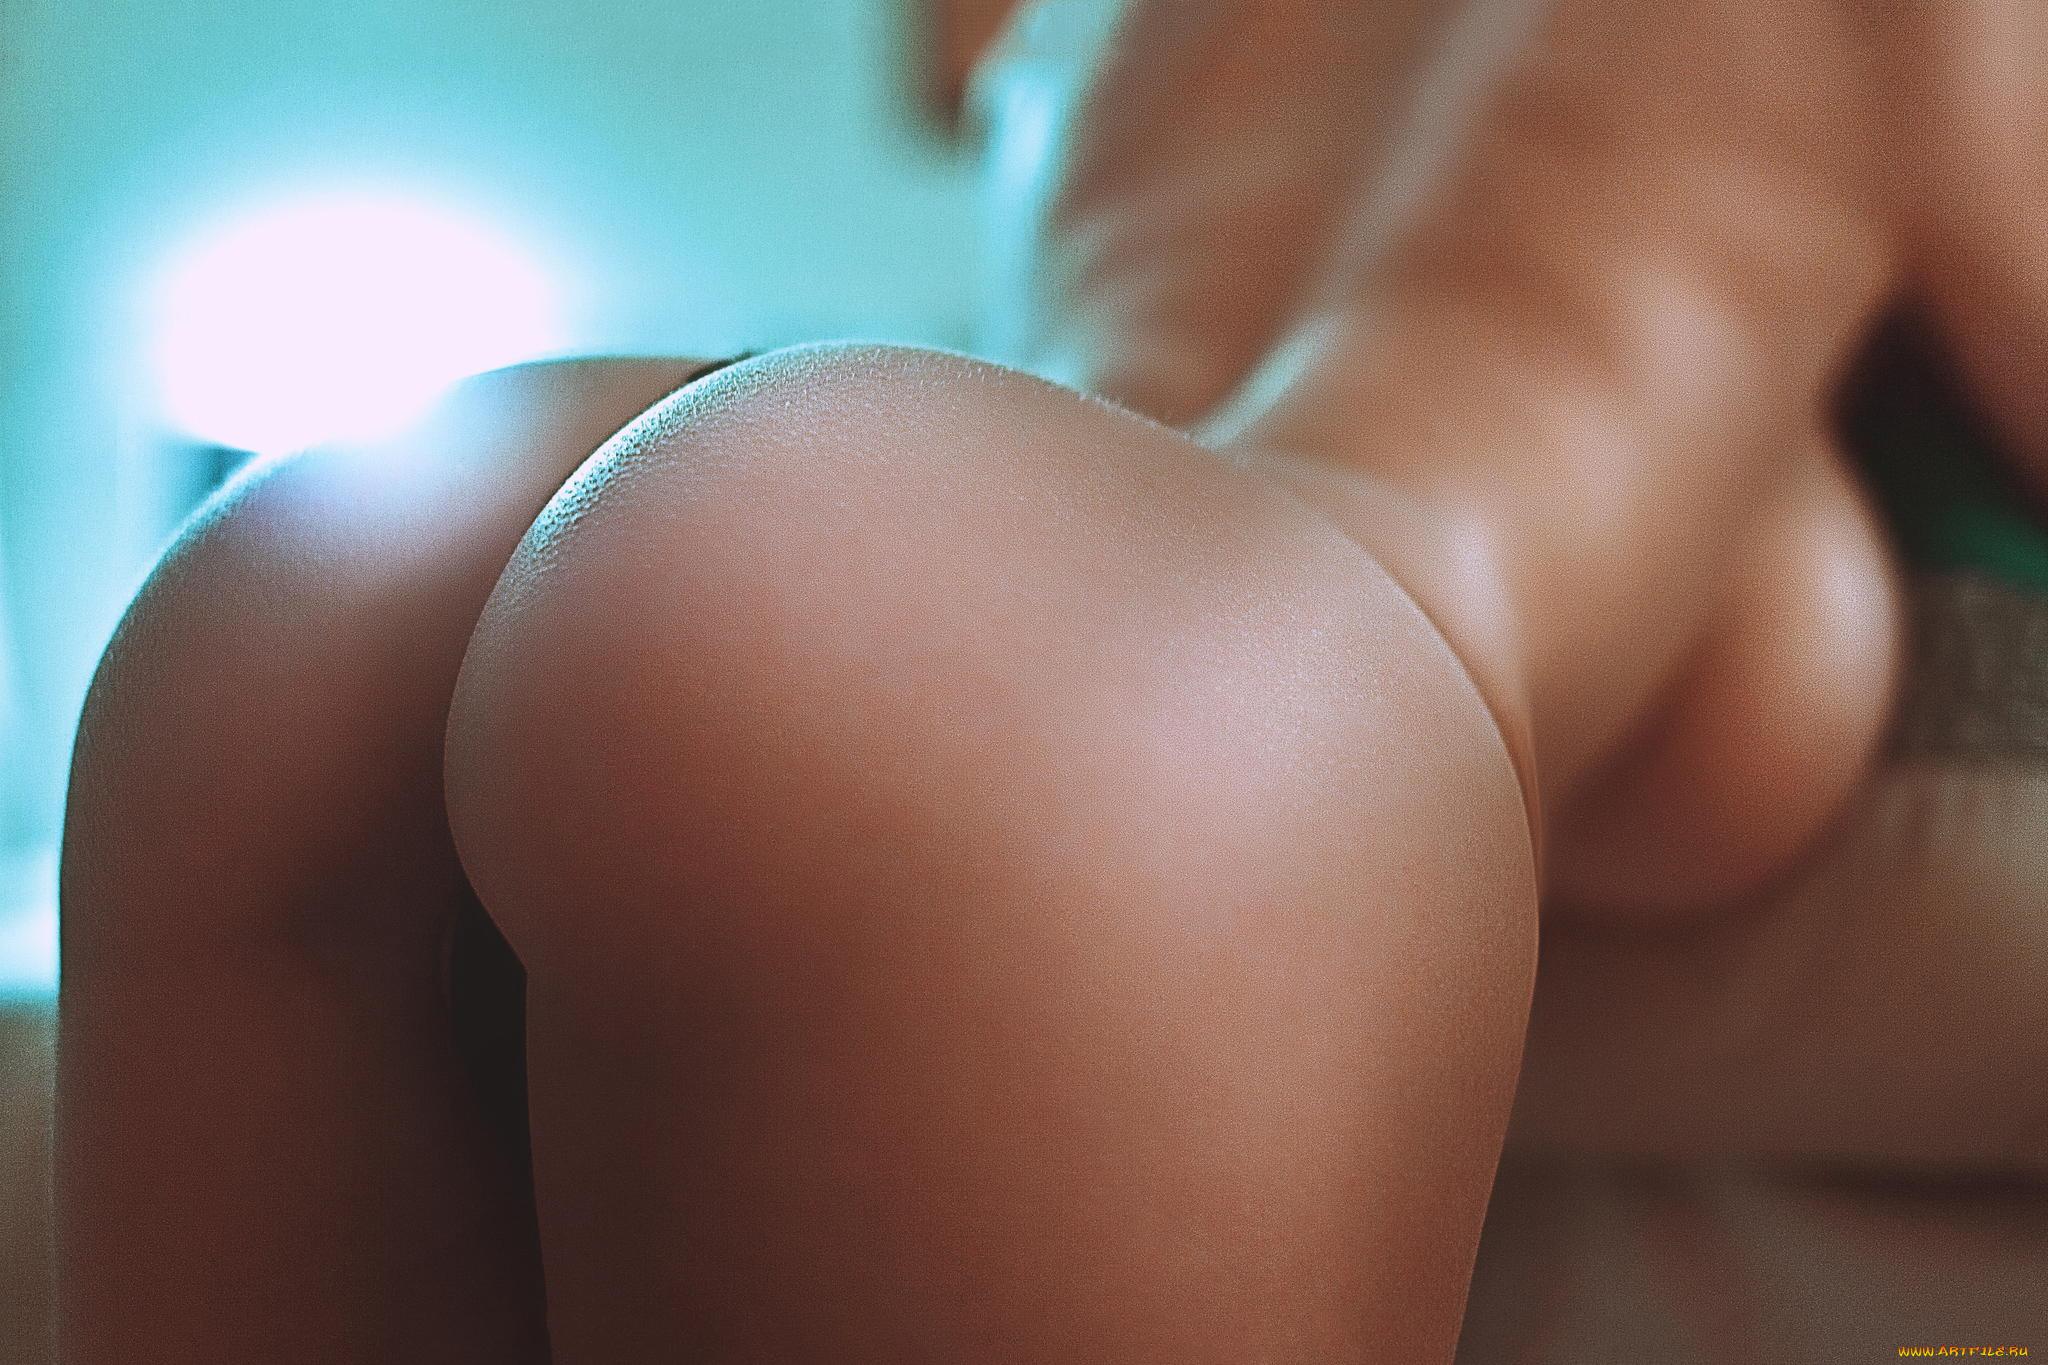 грудь очень фото попи большие скалготками